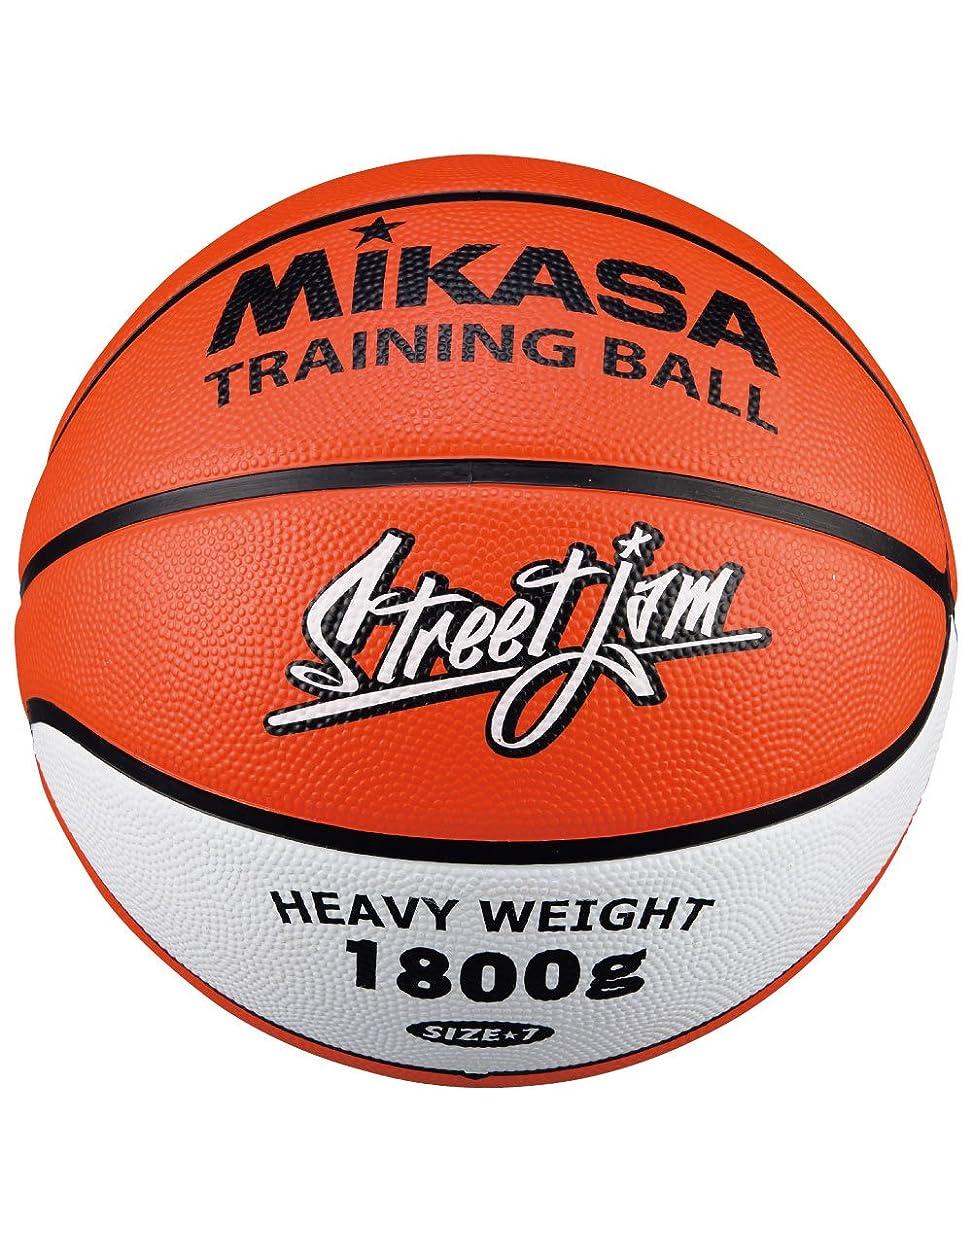 パール散らすすでにミカサ バスケット トレーニング1.8㎏ ゴム オレンジ/白 B7JMTR-O [並行輸入品]